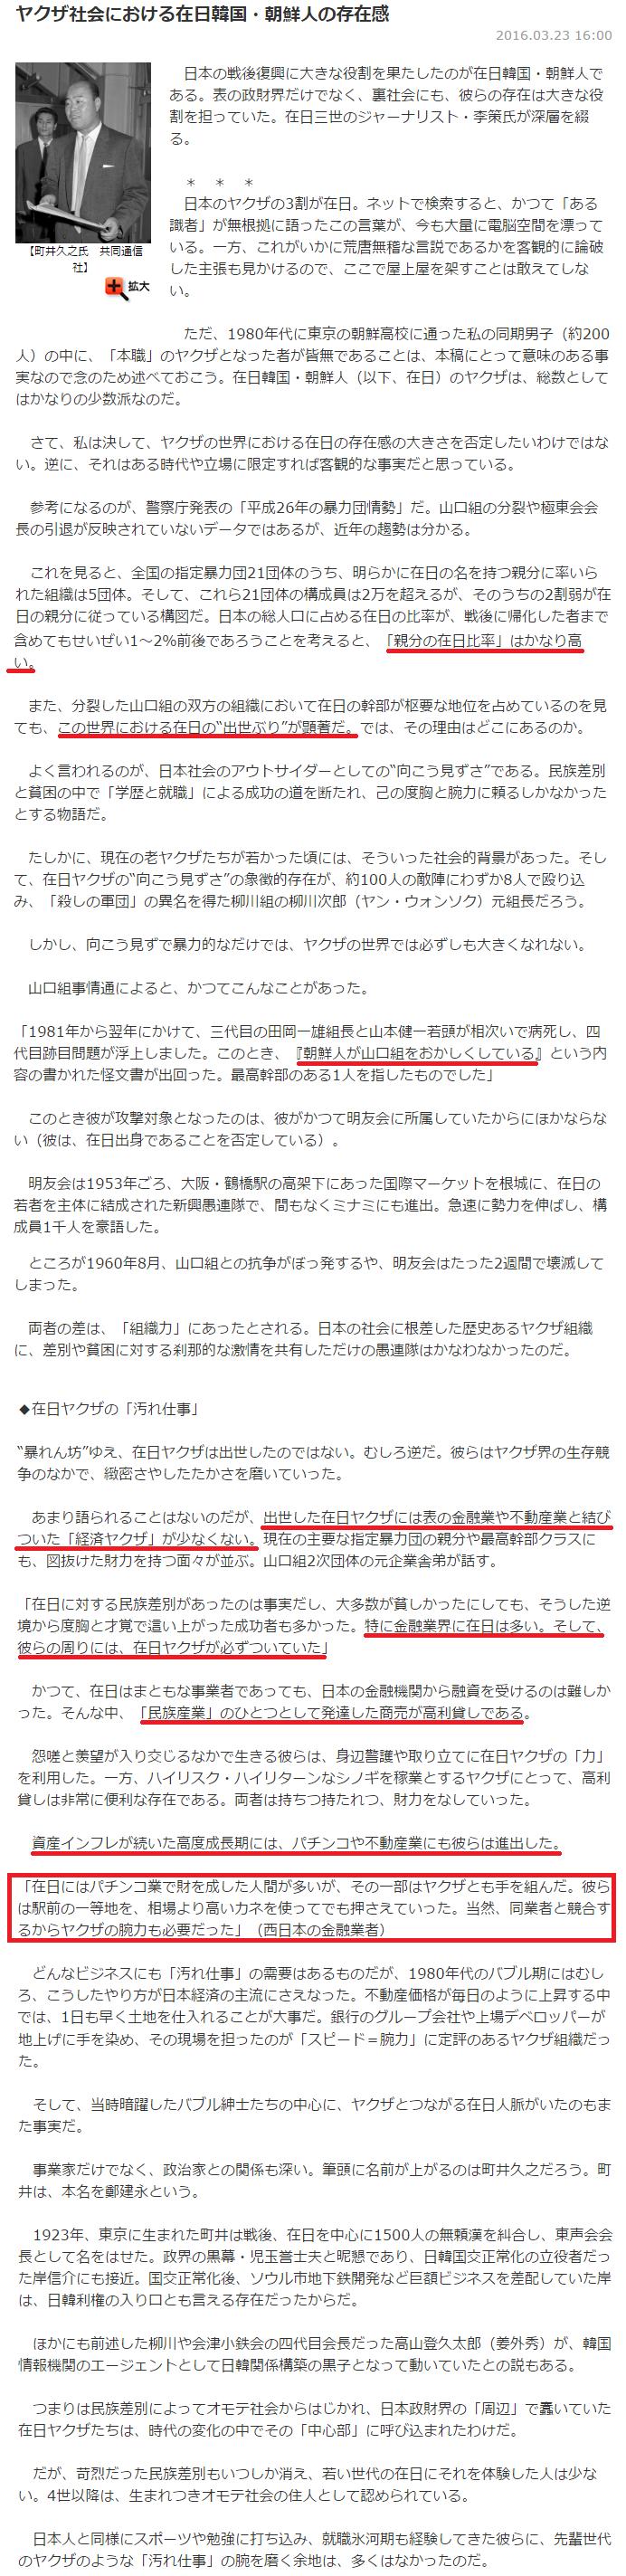 ヤクザ社会における在日朝鮮人の存在